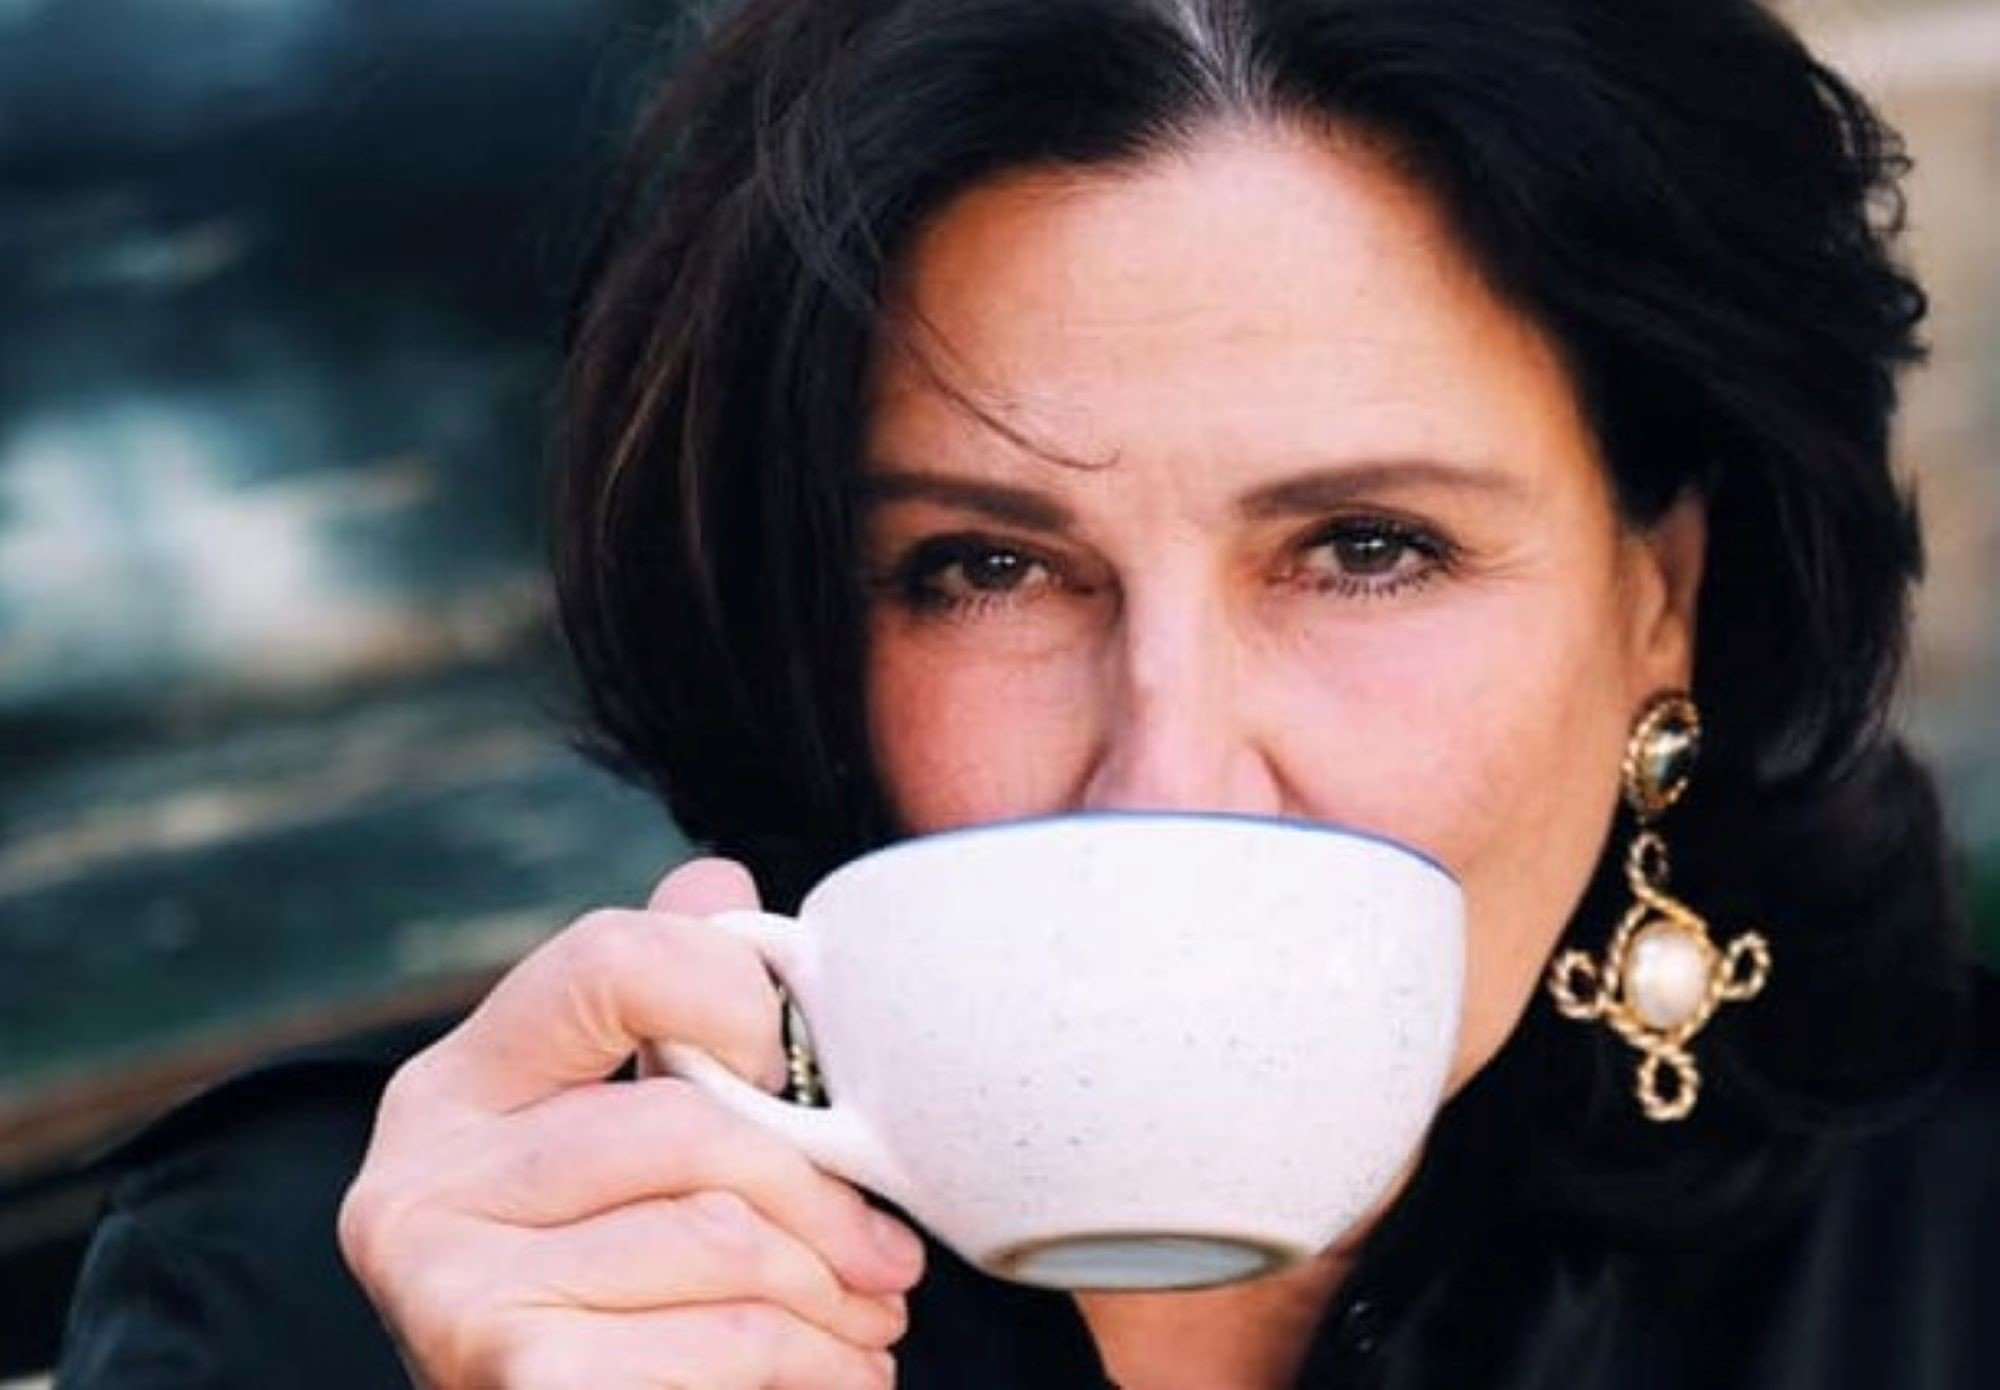 Инна Богословкая угощает чаем за 1800 грн